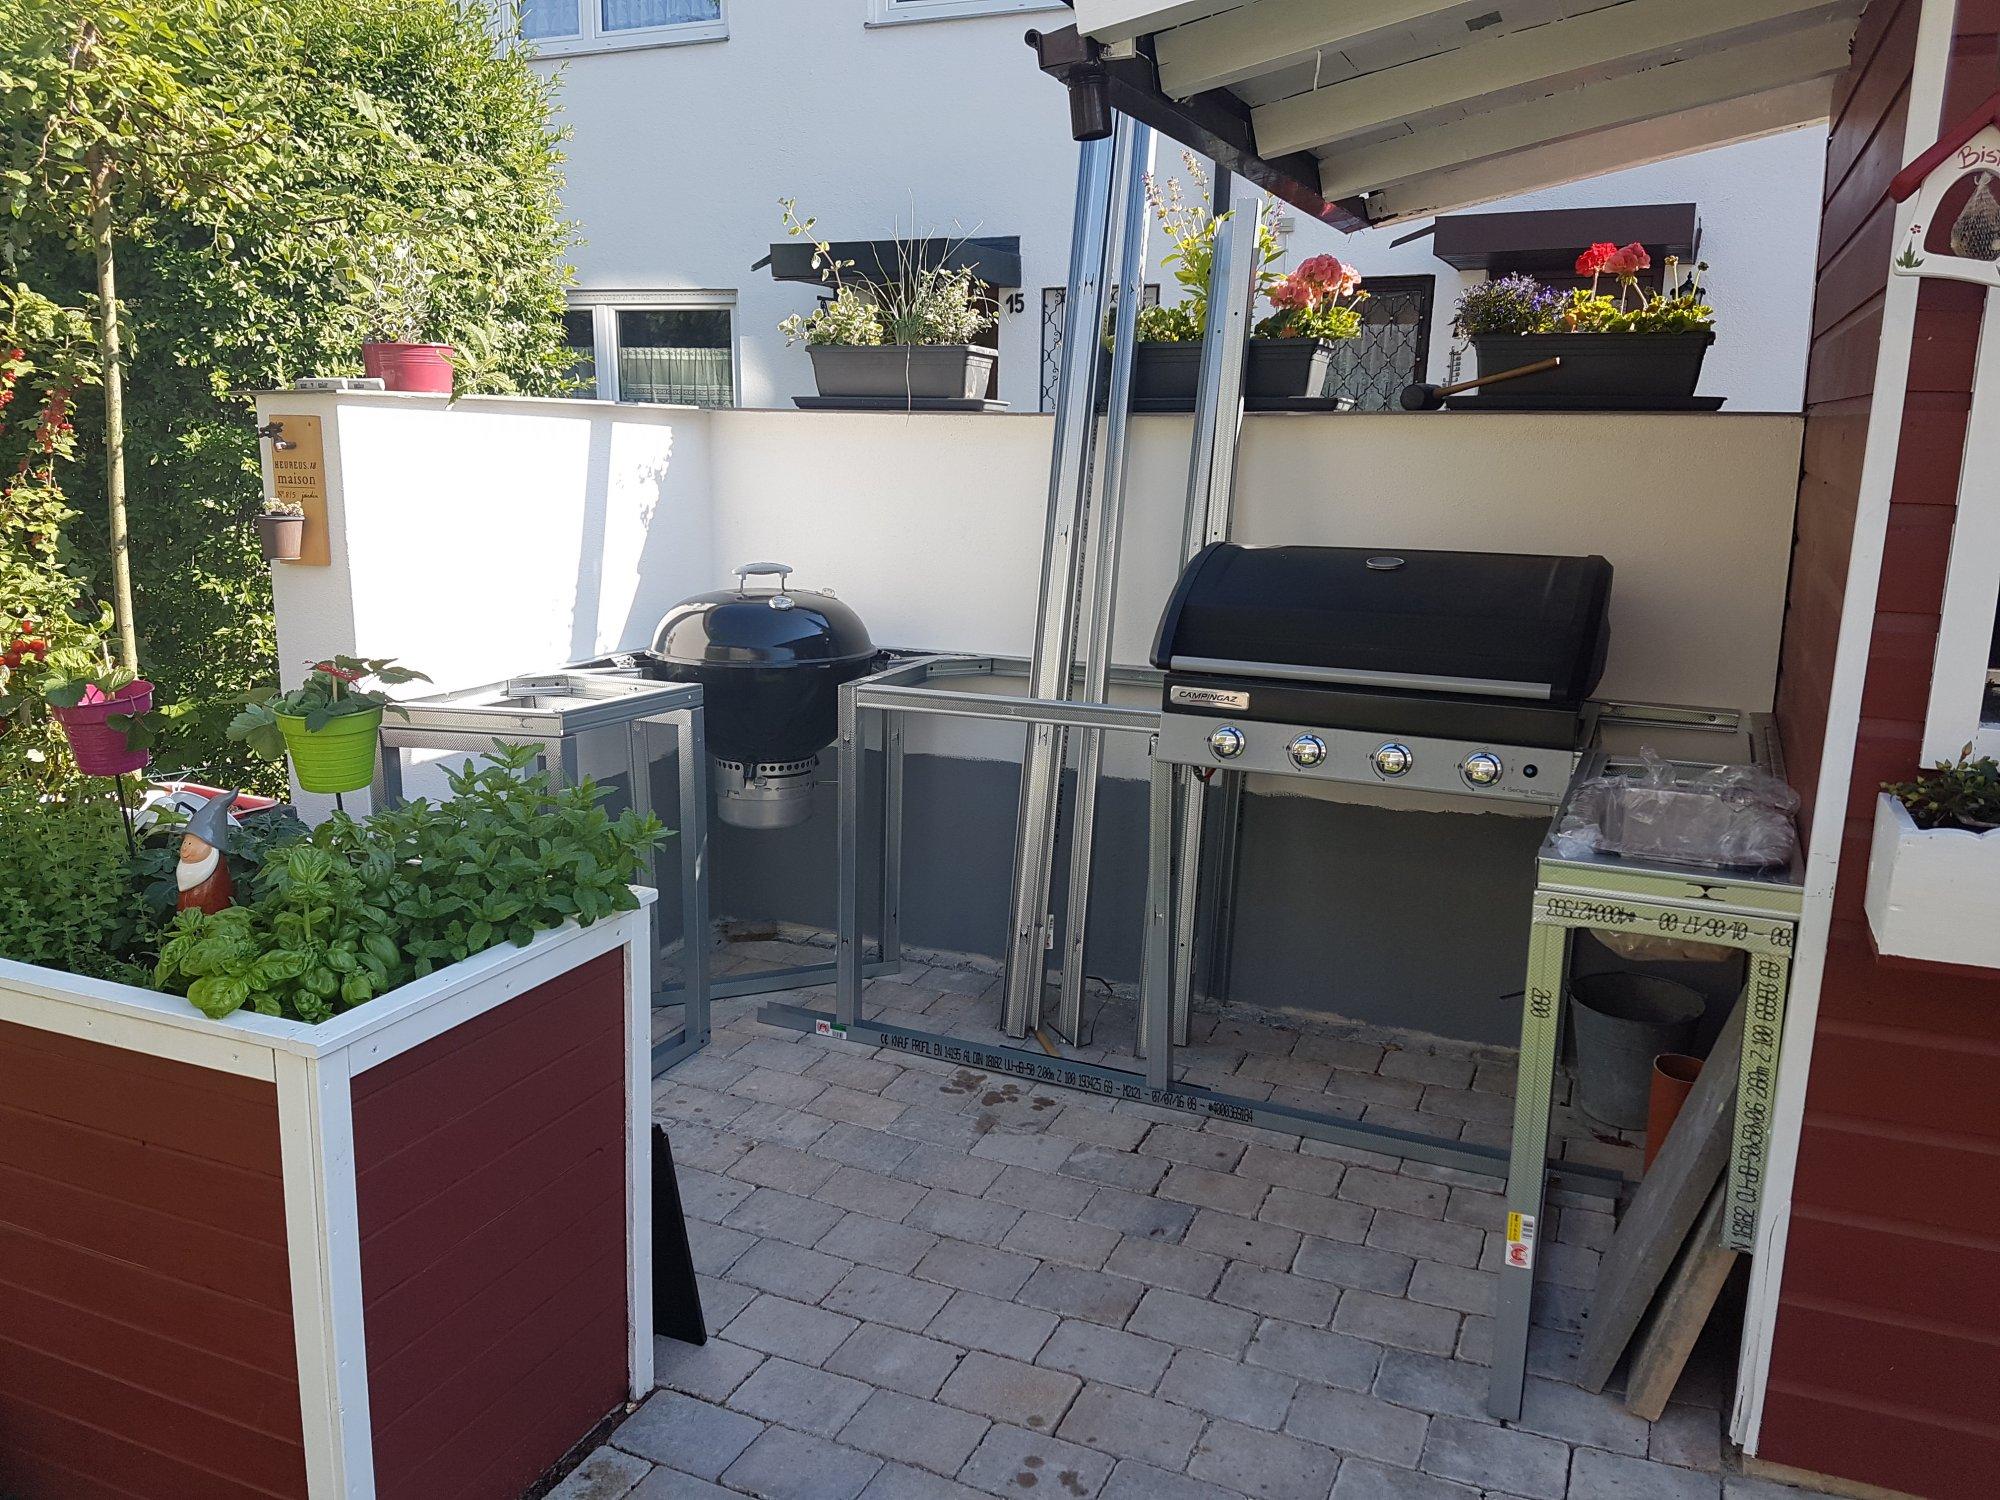 Außenküche Selber Bauen Obi : Hollywoodschaukel selber bauen aus paletten hollywoodschaukel mit